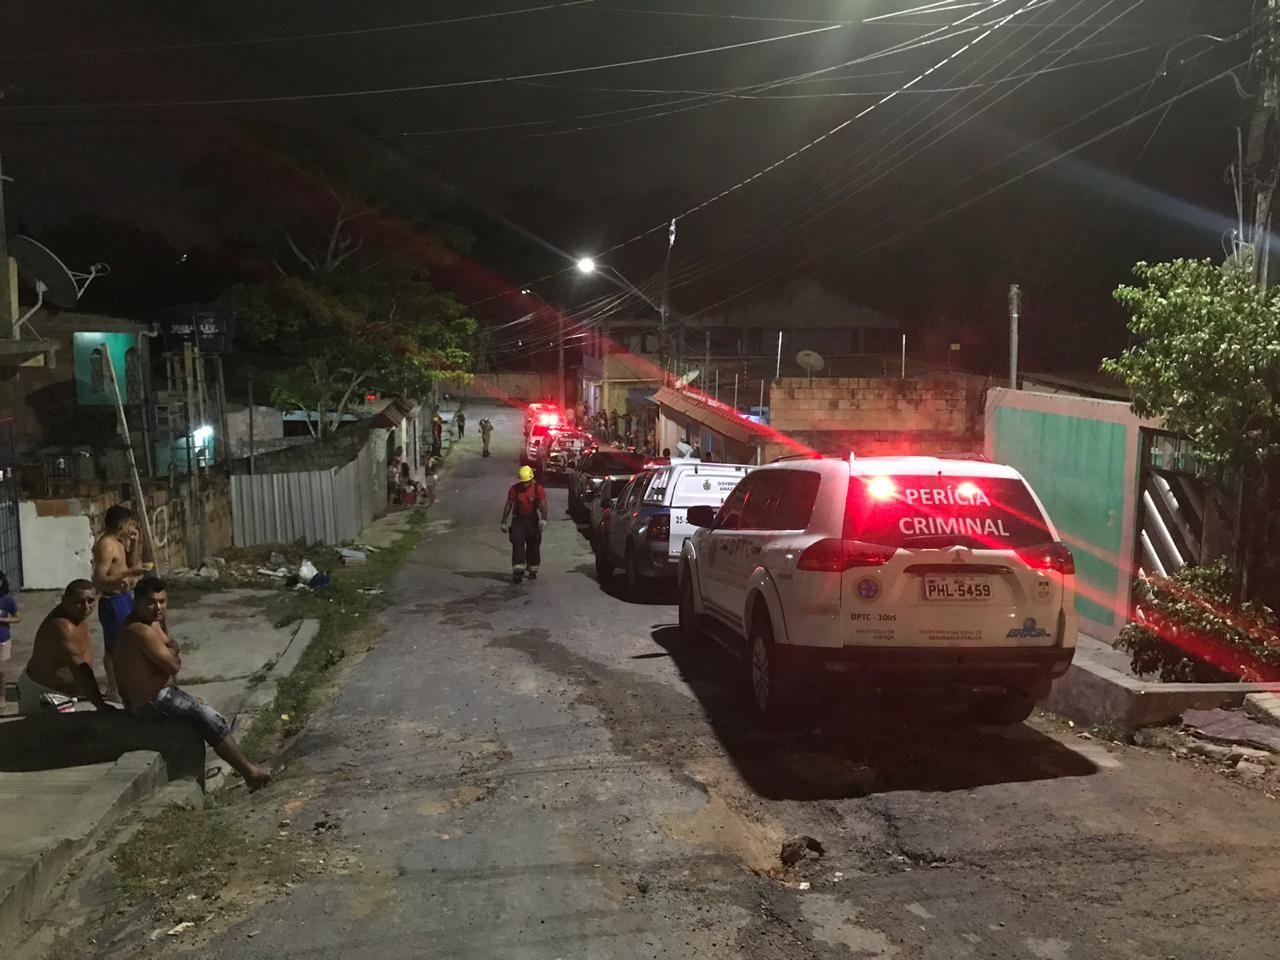 Corpos de vítimas que tiveram morte filmada e divulgada na internet são encontrados em Manaus - Radio Evangelho Gospel